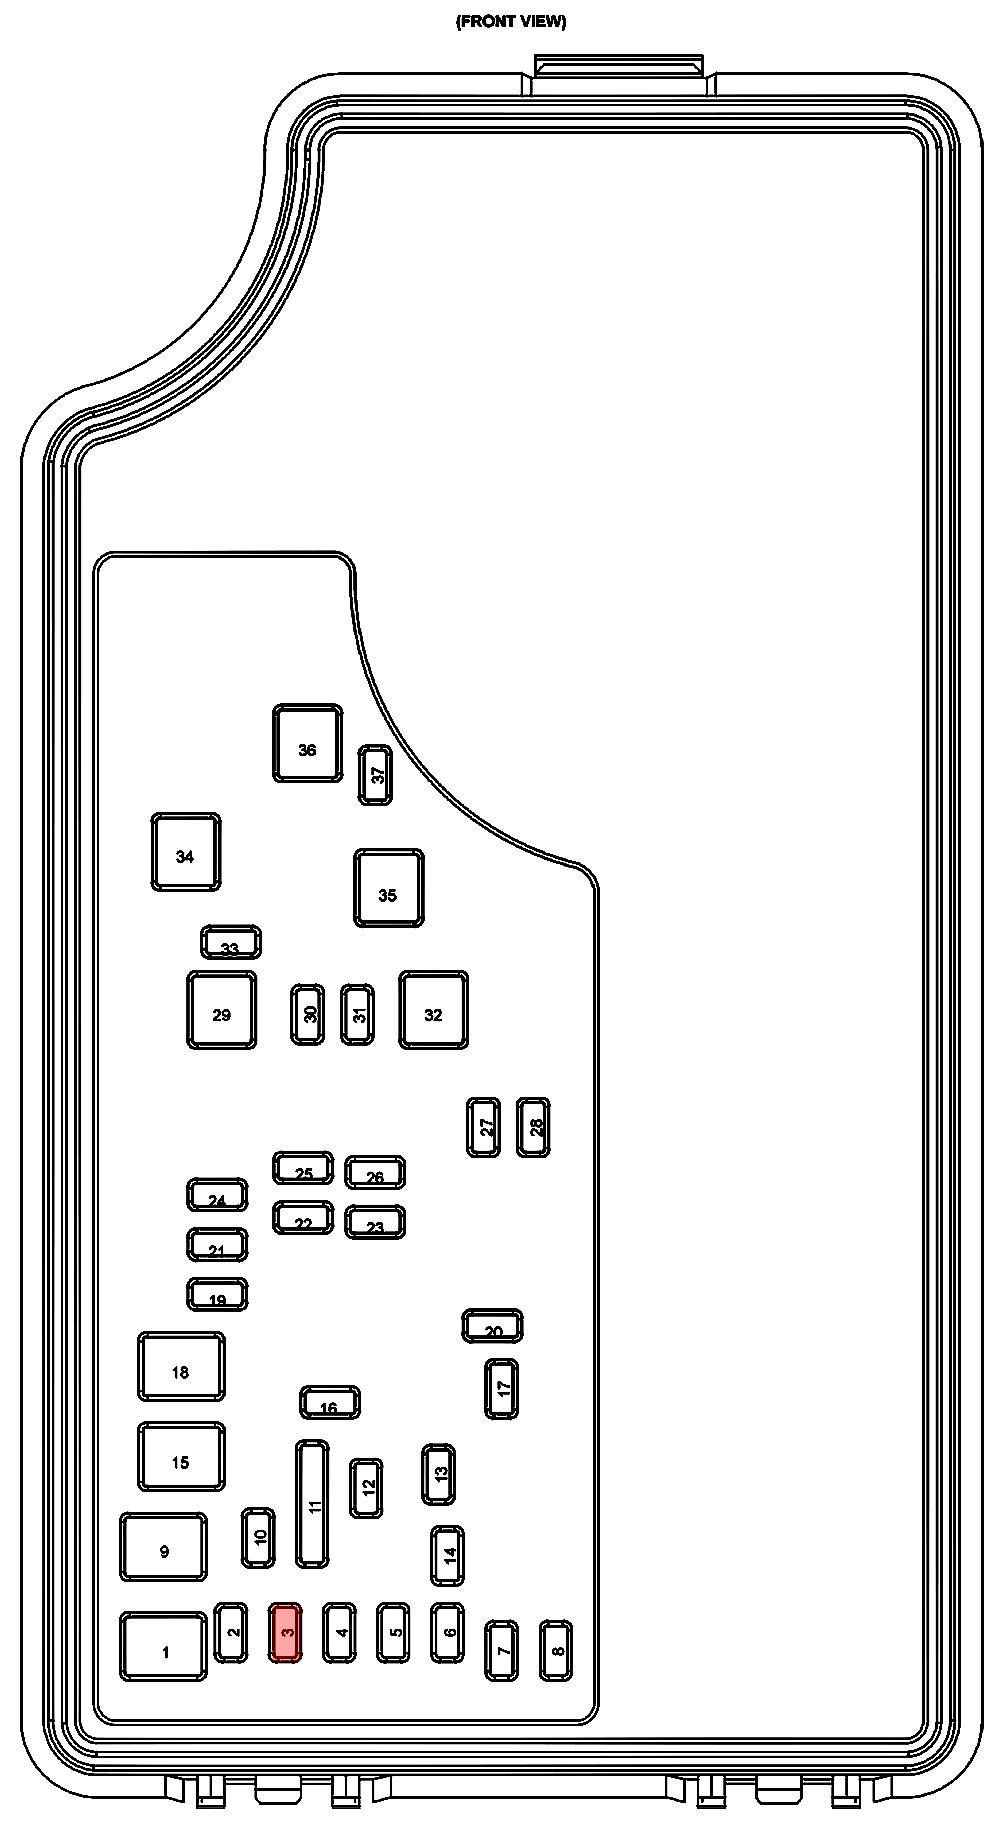 2005 chrysler sebring fuse diagram zb 3780  fuse box for chrysler sebring 2008 download diagram  zb 3780  fuse box for chrysler sebring